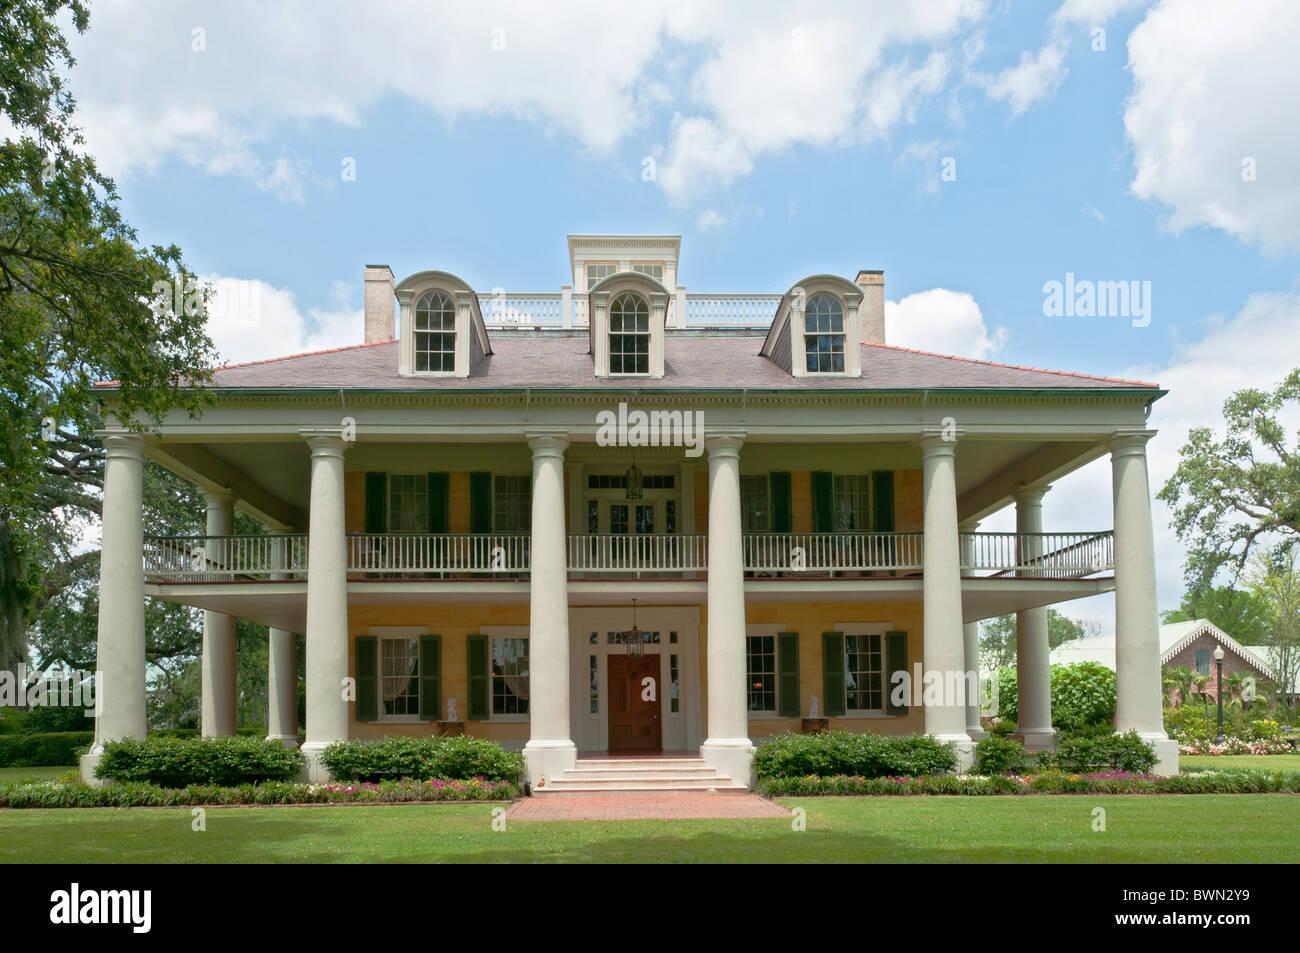 Louisiana Darrow Houmas House Plantation And Gardens Greek Revival Stock Photo Royalty Free